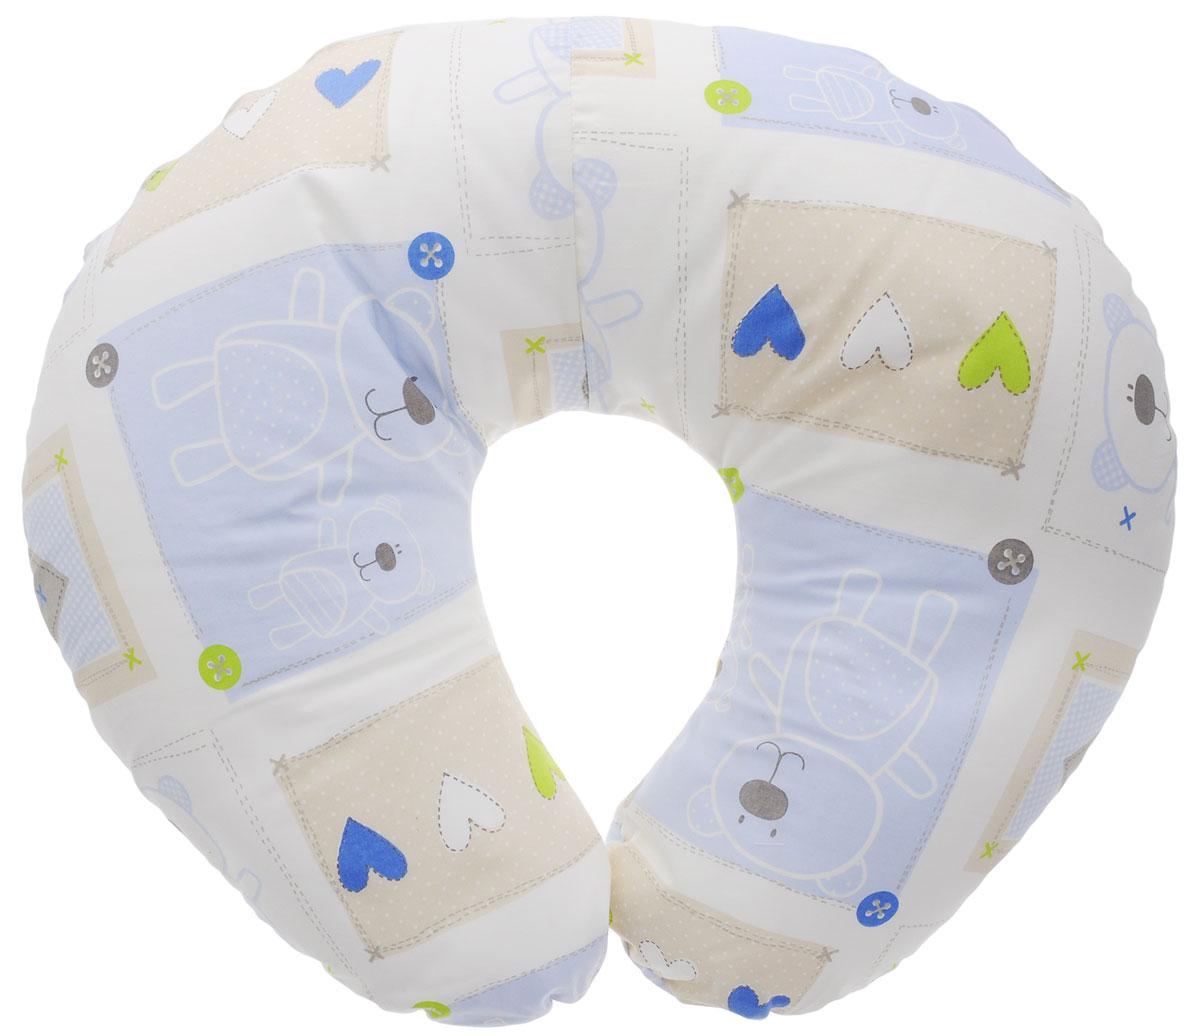 Plantex Подушка для кормящих и беременных мам Comfy Small Мишка и сердечки1153163Многофункциональная подушка Plantex Comfy Small идеальна для удобства ребенка и его родителей. Зачастую именно эта модель называется подушкой для беременных. Ведь она создана именно для будущих мам с учетом всех анатомических особенностей в этот период. На любом сроке беременности она бережно поддержит растущий животик и поможет сохранить комфортное и безопасное положение во время сна.Подушка идеально подходит для кормления уже появившегося малыша. Позже многофункциональная подушка поможет ему сохранить равновесие при первых попытках сесть.Чехол подушки выполнен из 100% хлопка и снабжен застежкой-молнией, что позволяет без труда снять и постирать его. Наполнителем подушки служат полистироловые шарики - экологичные, не деформируются сами и хорошо сохраняют форму подушки.Подушка для кормящих и беременных мам Plantex Comfy Small - это удобная и практичная вещь, которая прослужит вам долгое время.Подушка поставляется в сумке-чехле.При использовании рекомендуется следующий уход: наволочка - машинная стирка и глажение, подушка с наполнителем - ручная стирка.